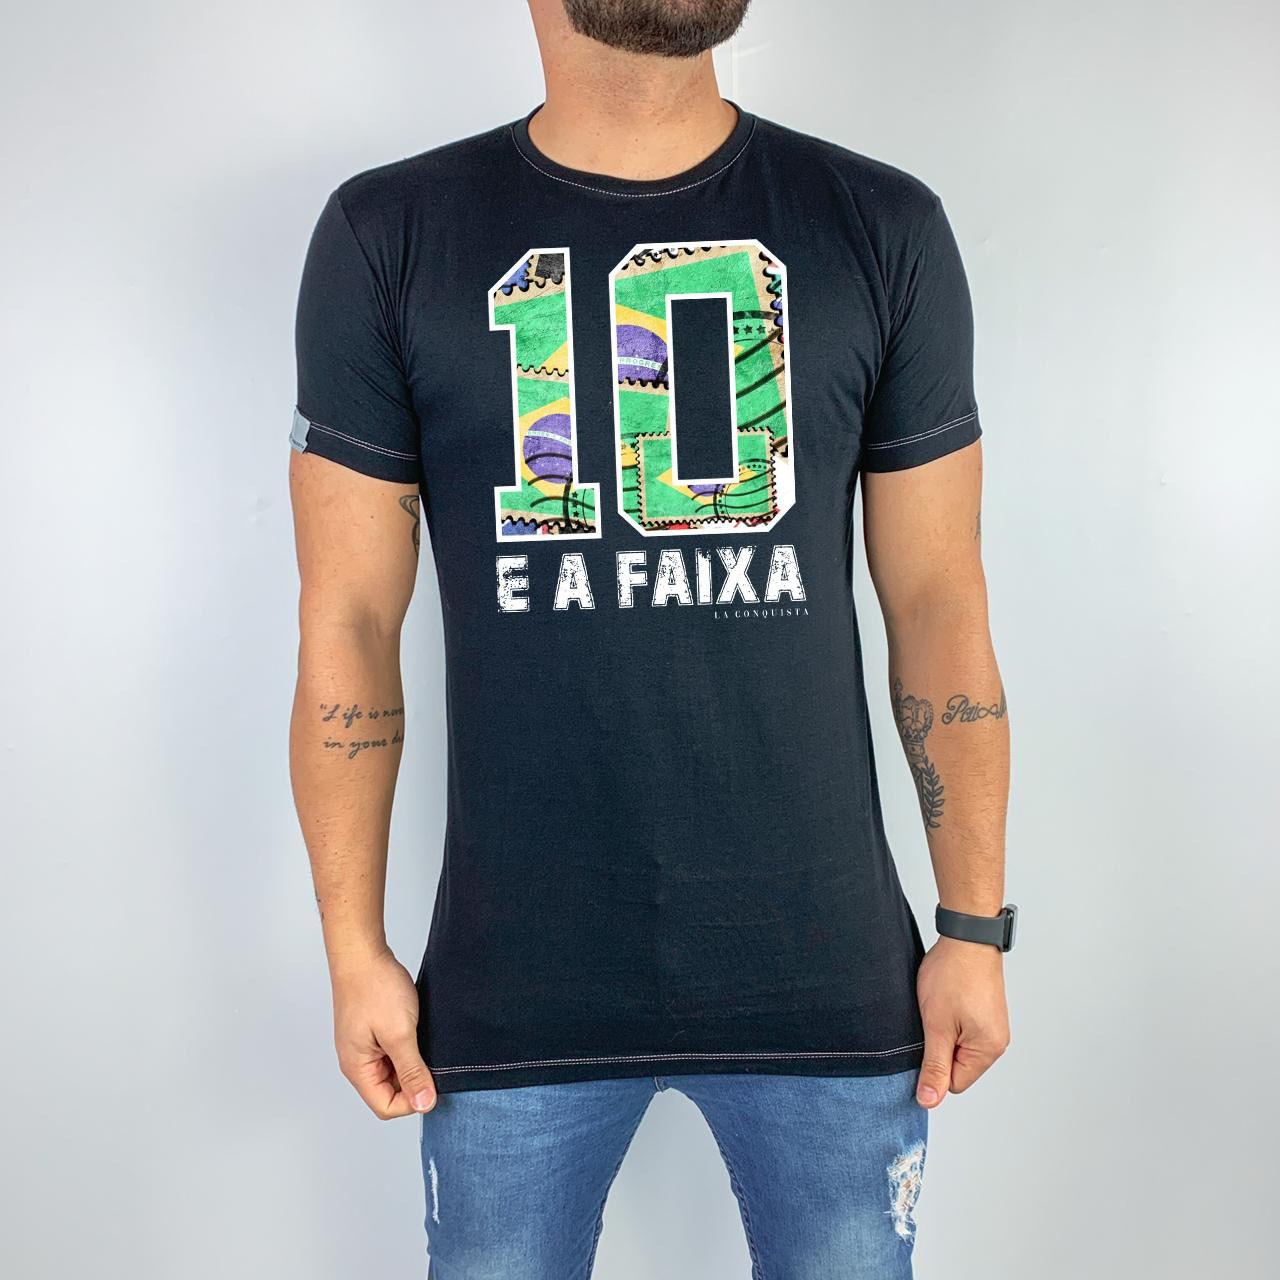 Camiseta 10 e a faixa